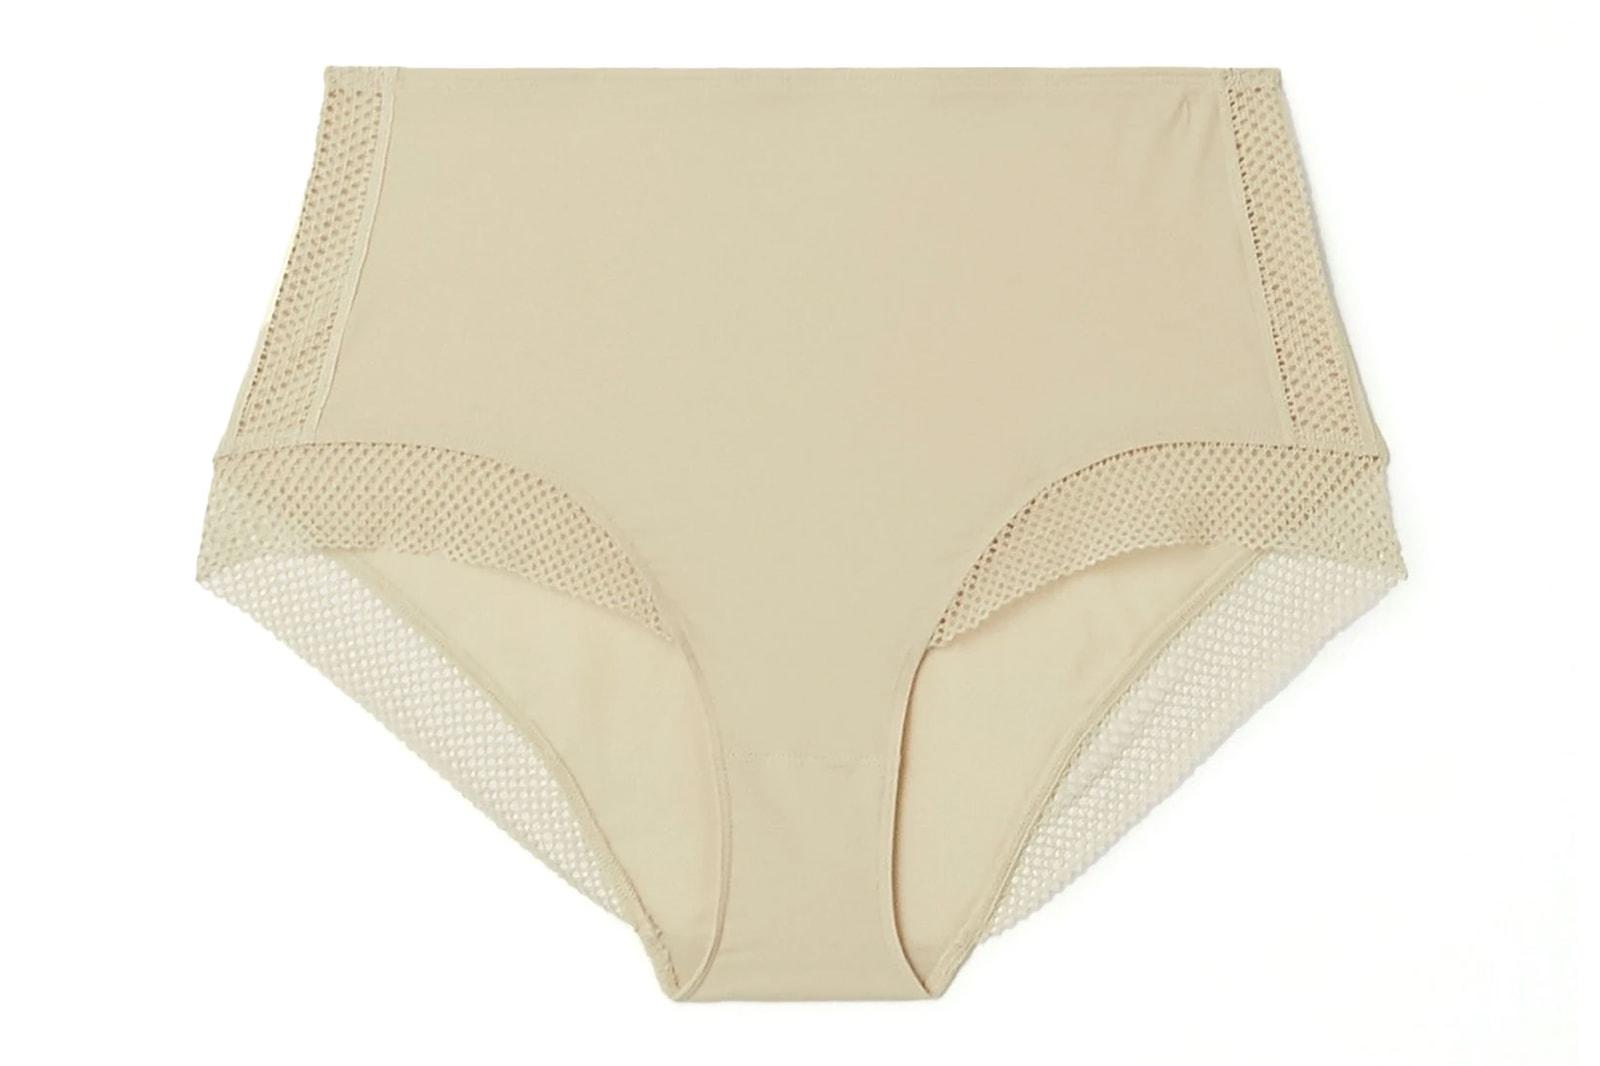 Index Act Panties Pics